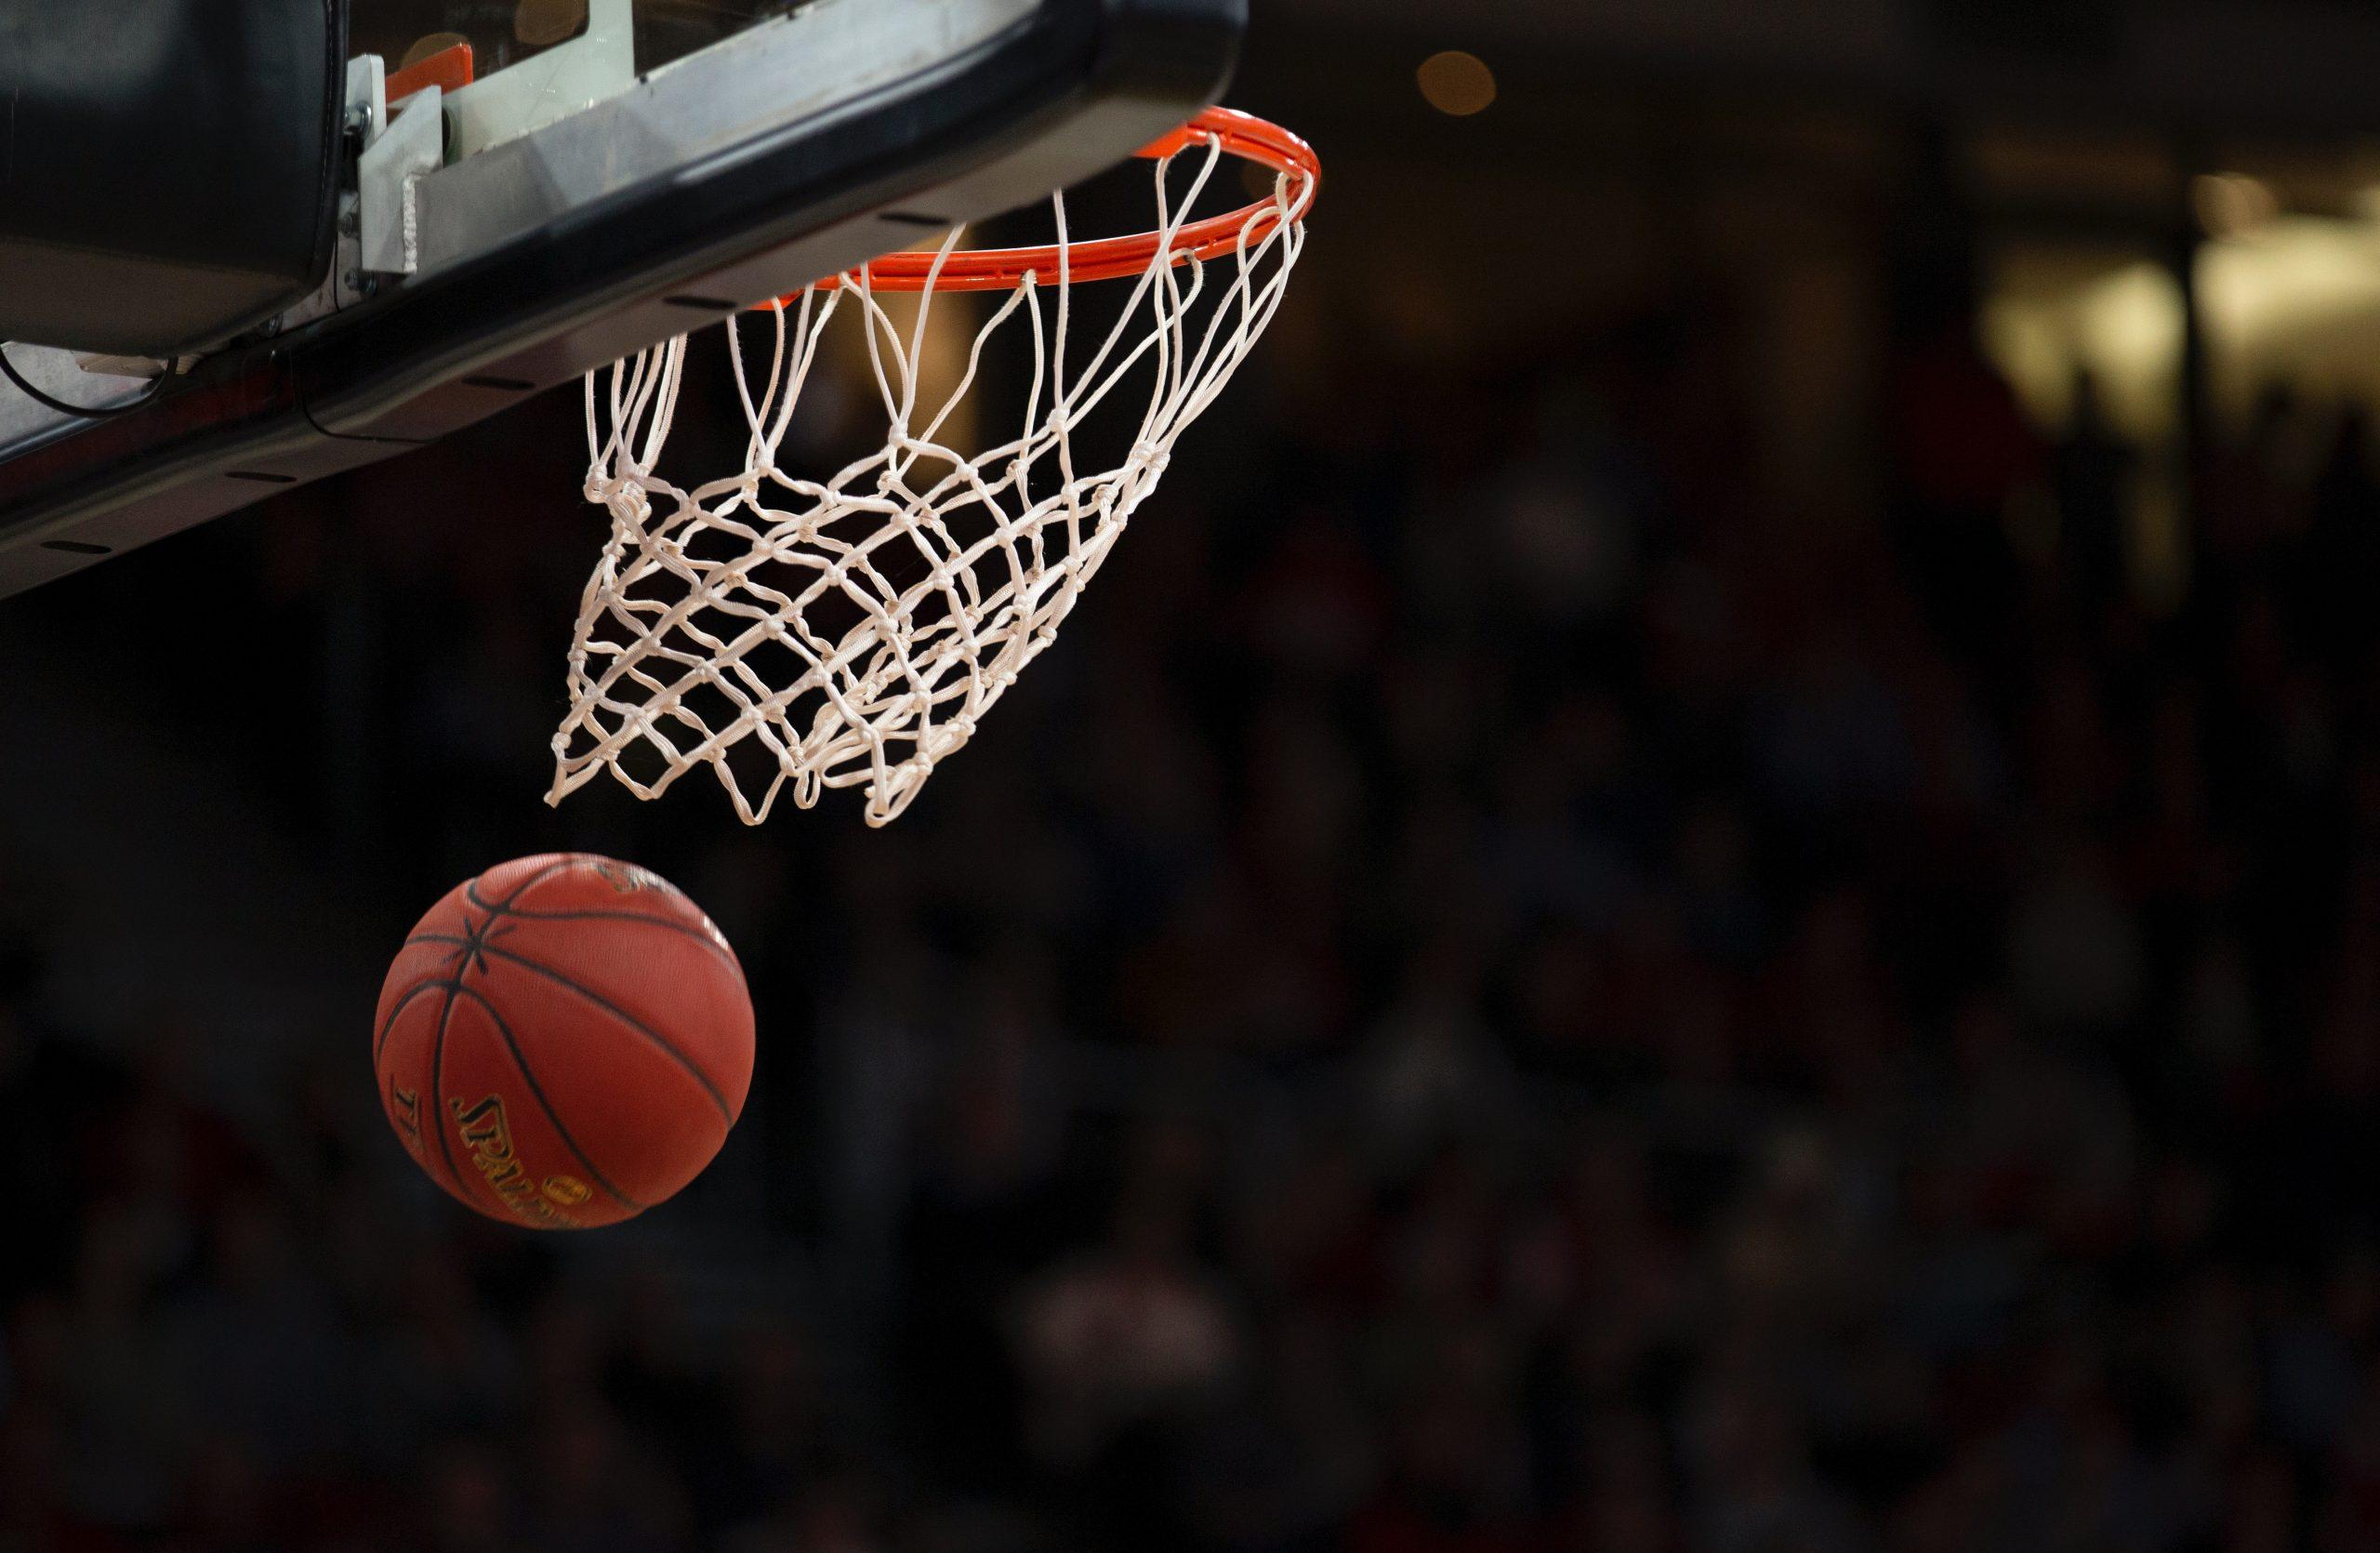 kamuolinis krepšinis